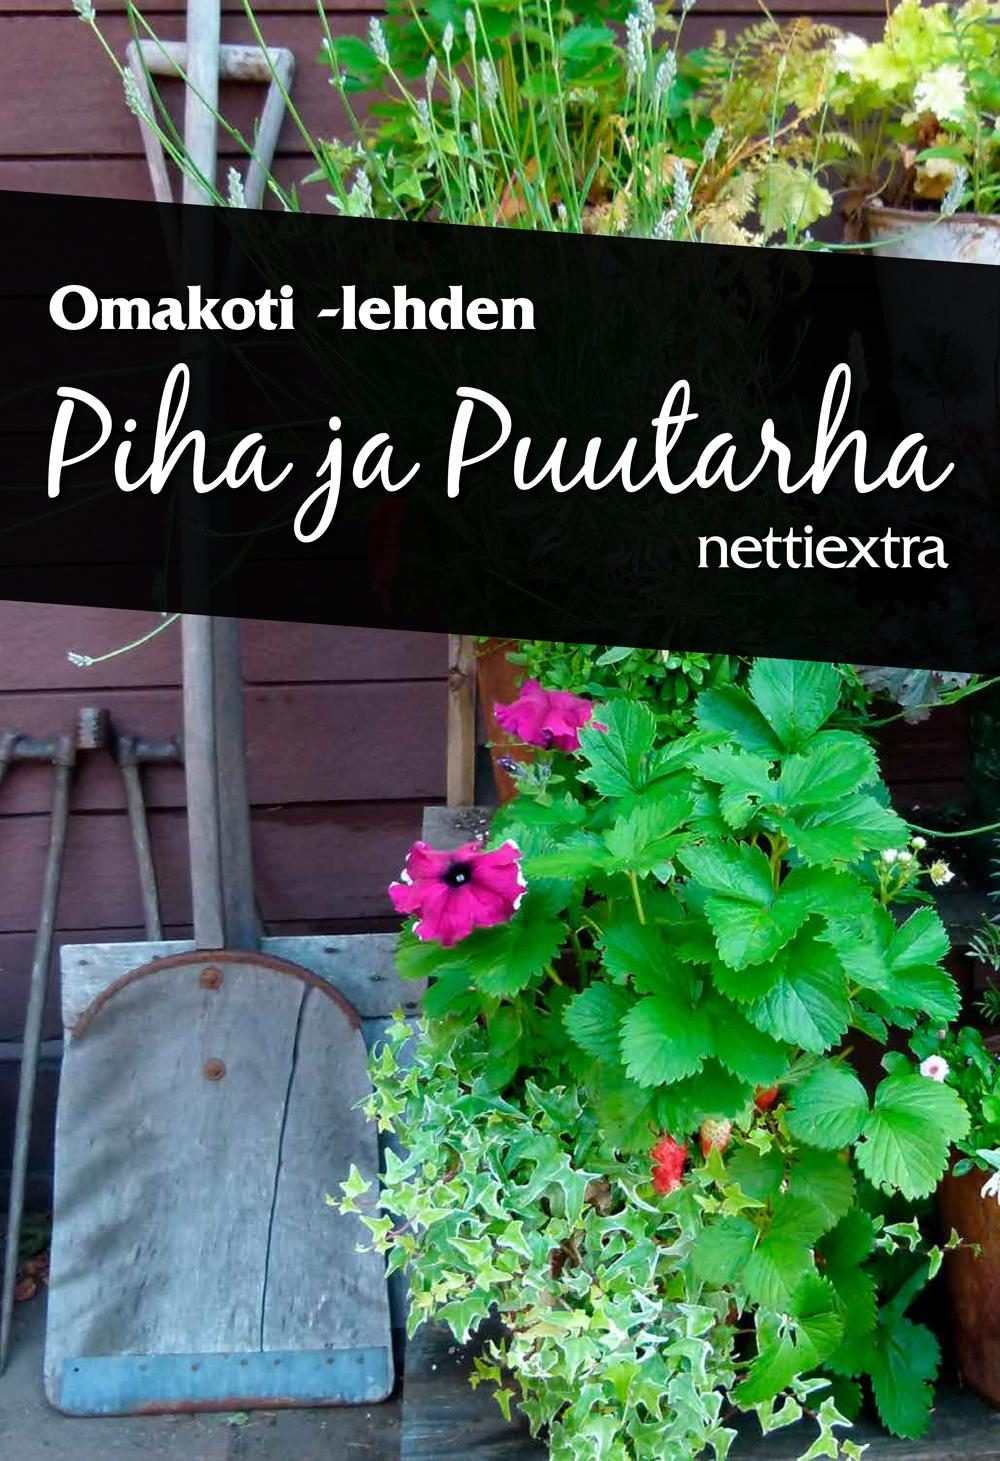 omakoti_piha_ja_puutarha_nettiextra-1